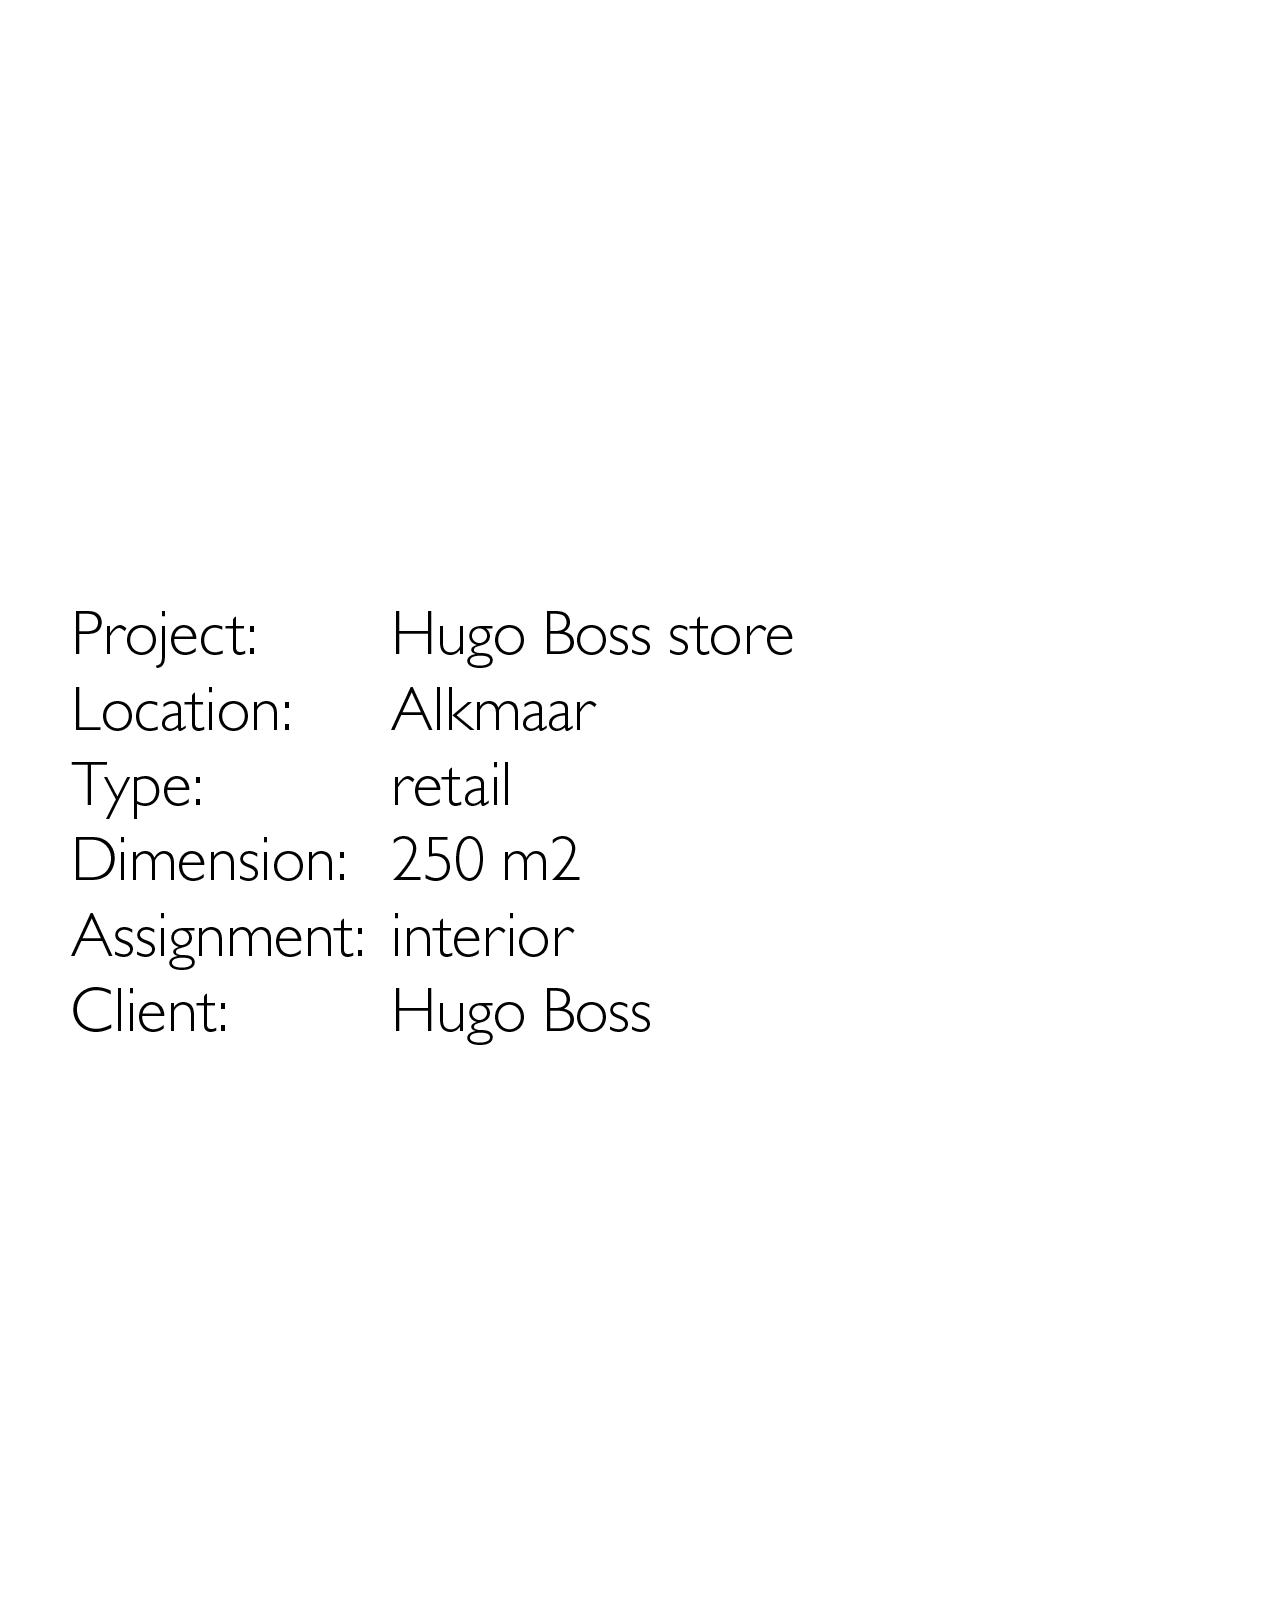 Hugo-Boss-Alkmaar-Projectinfo-website-JDN